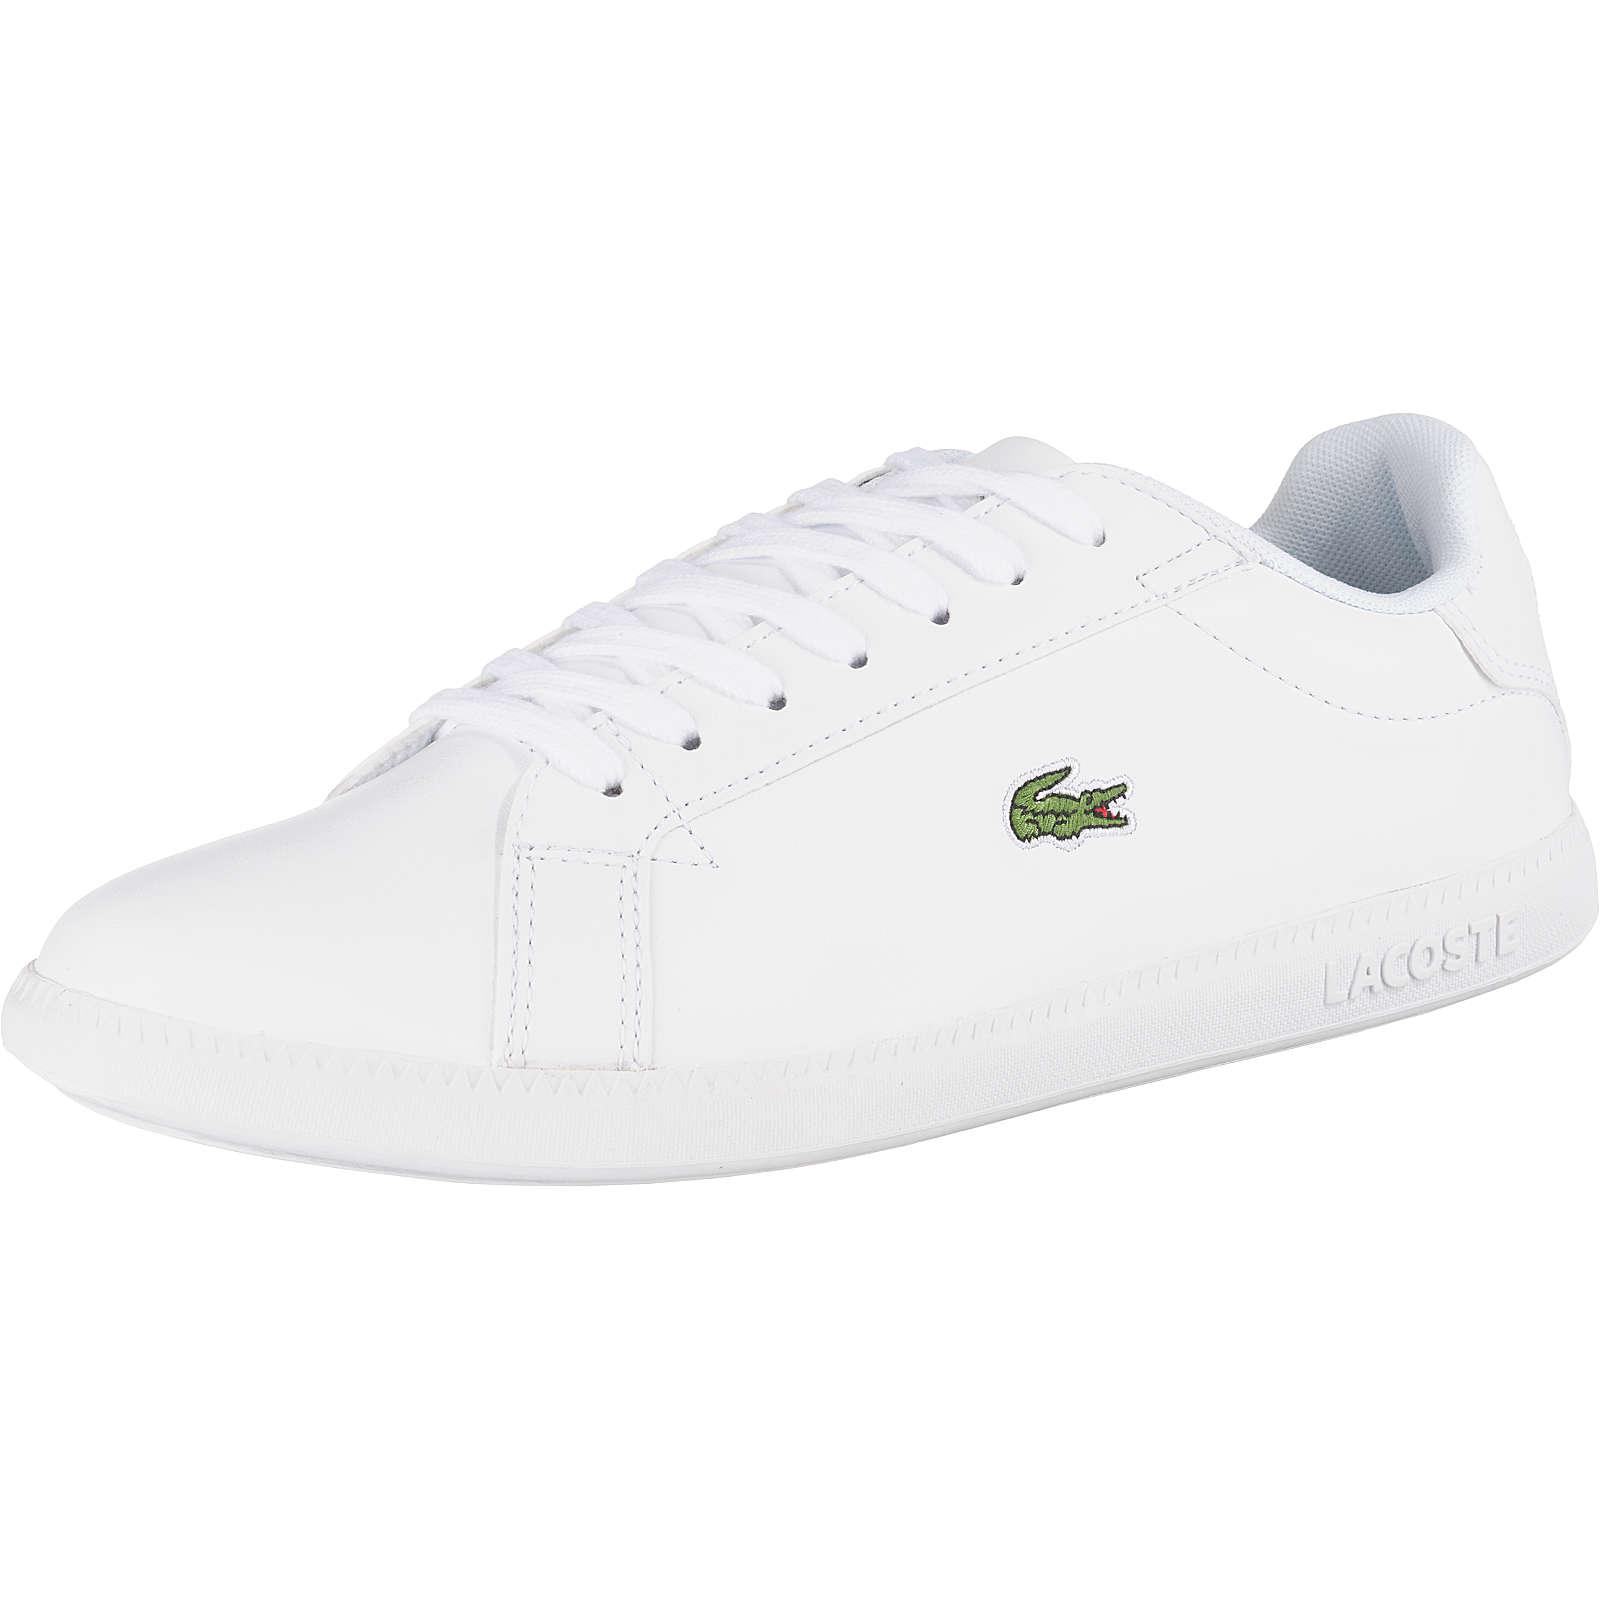 LACOSTE Graduate Sneakers Low weiß Damen Gr. 42